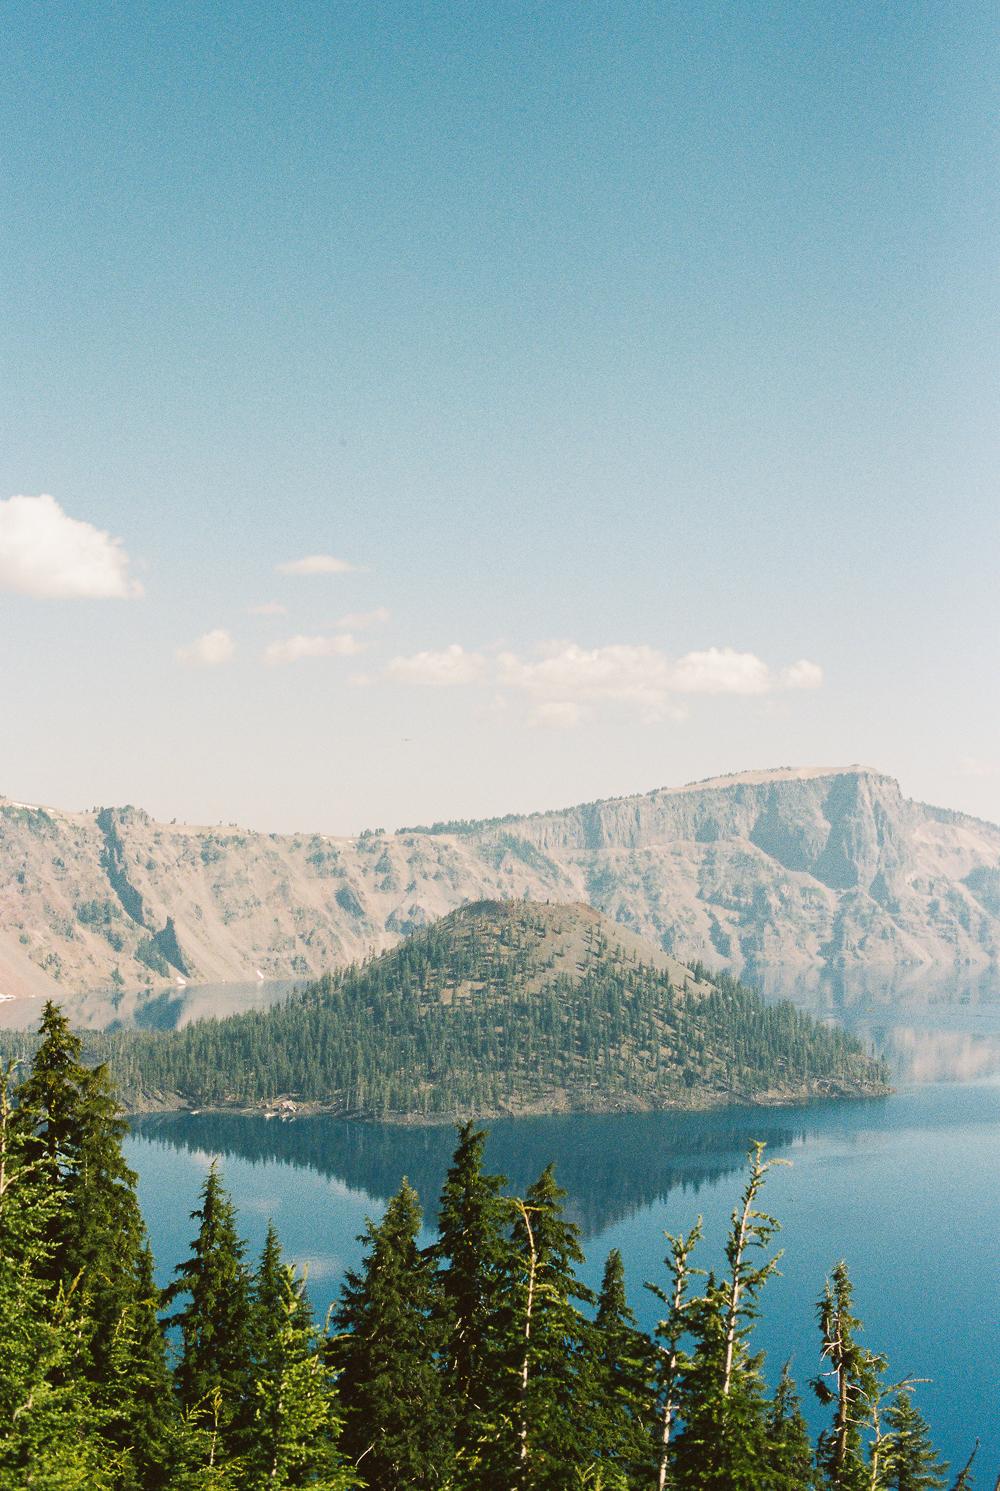 Wizard Island, Crater Lake, Oregon - Portra 400 on Nikon N90s